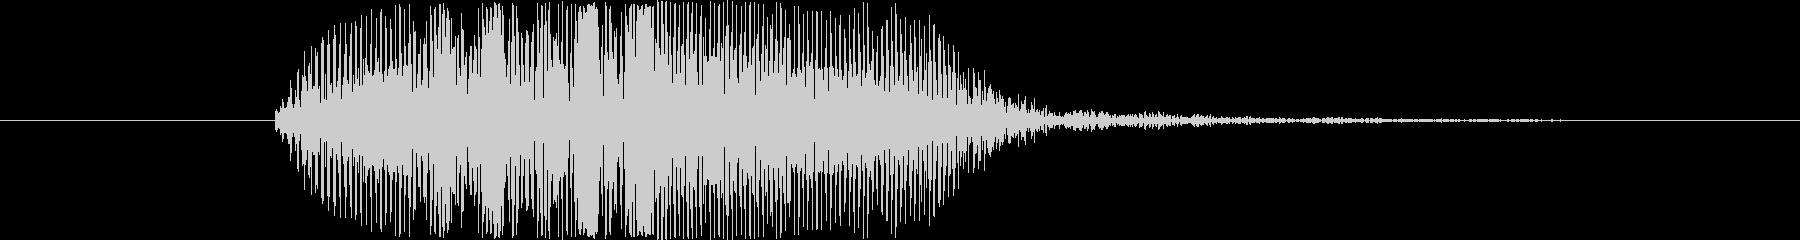 鳴き声 男性の恐ろしい悲鳴高03の未再生の波形